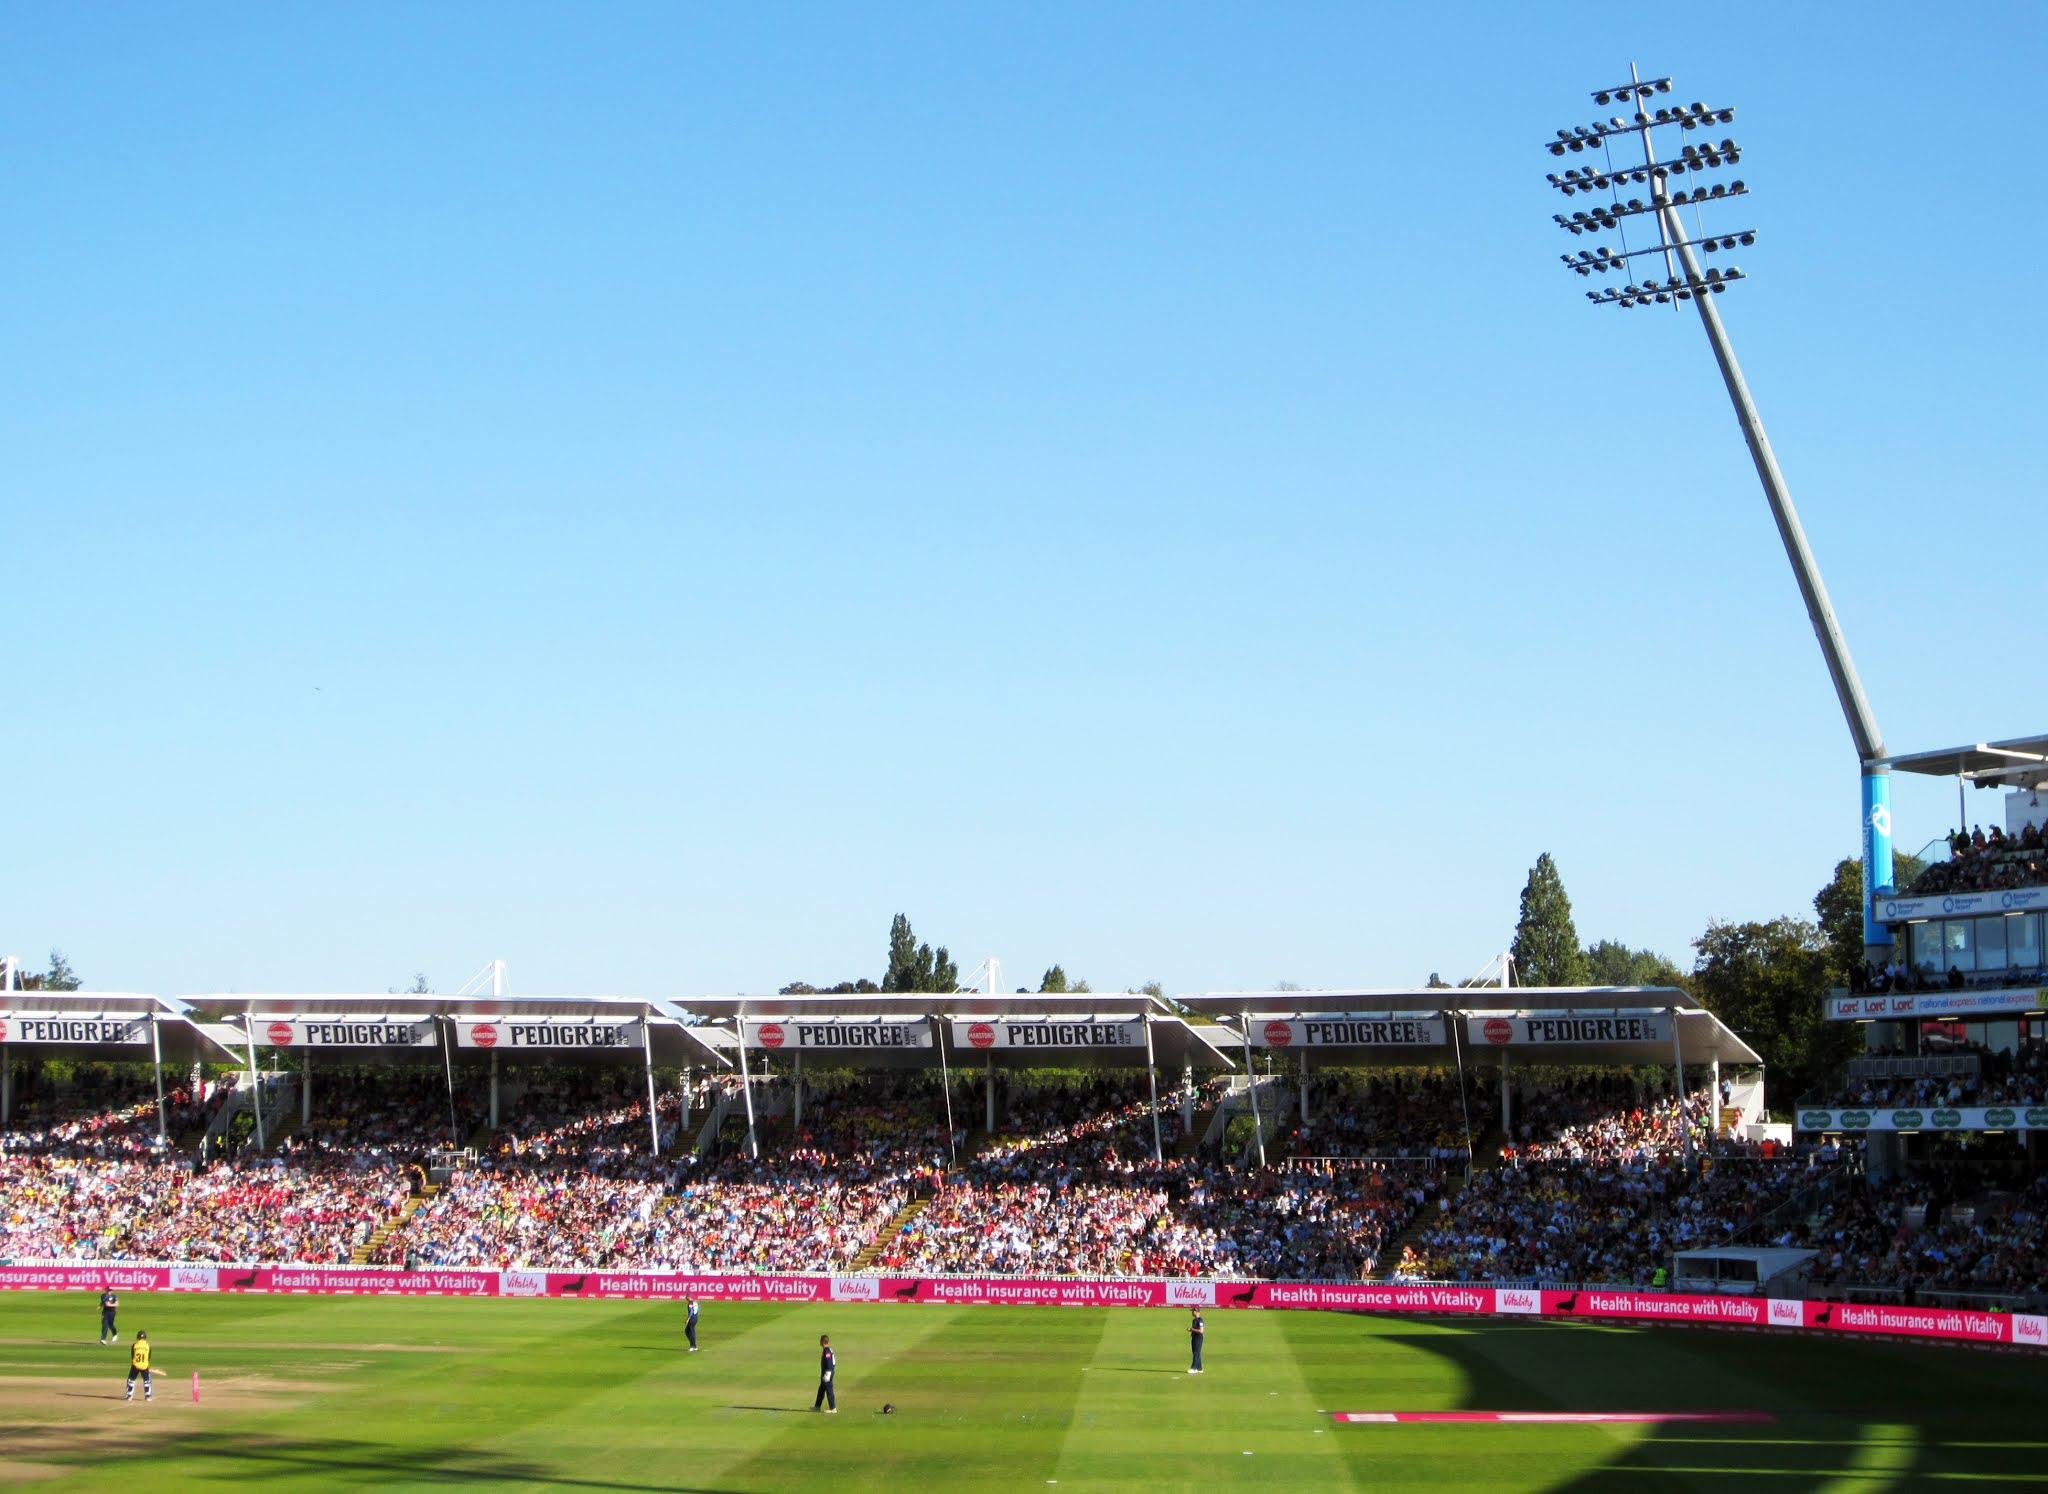 Eric Hollies Stand at Edgbaston Stadium